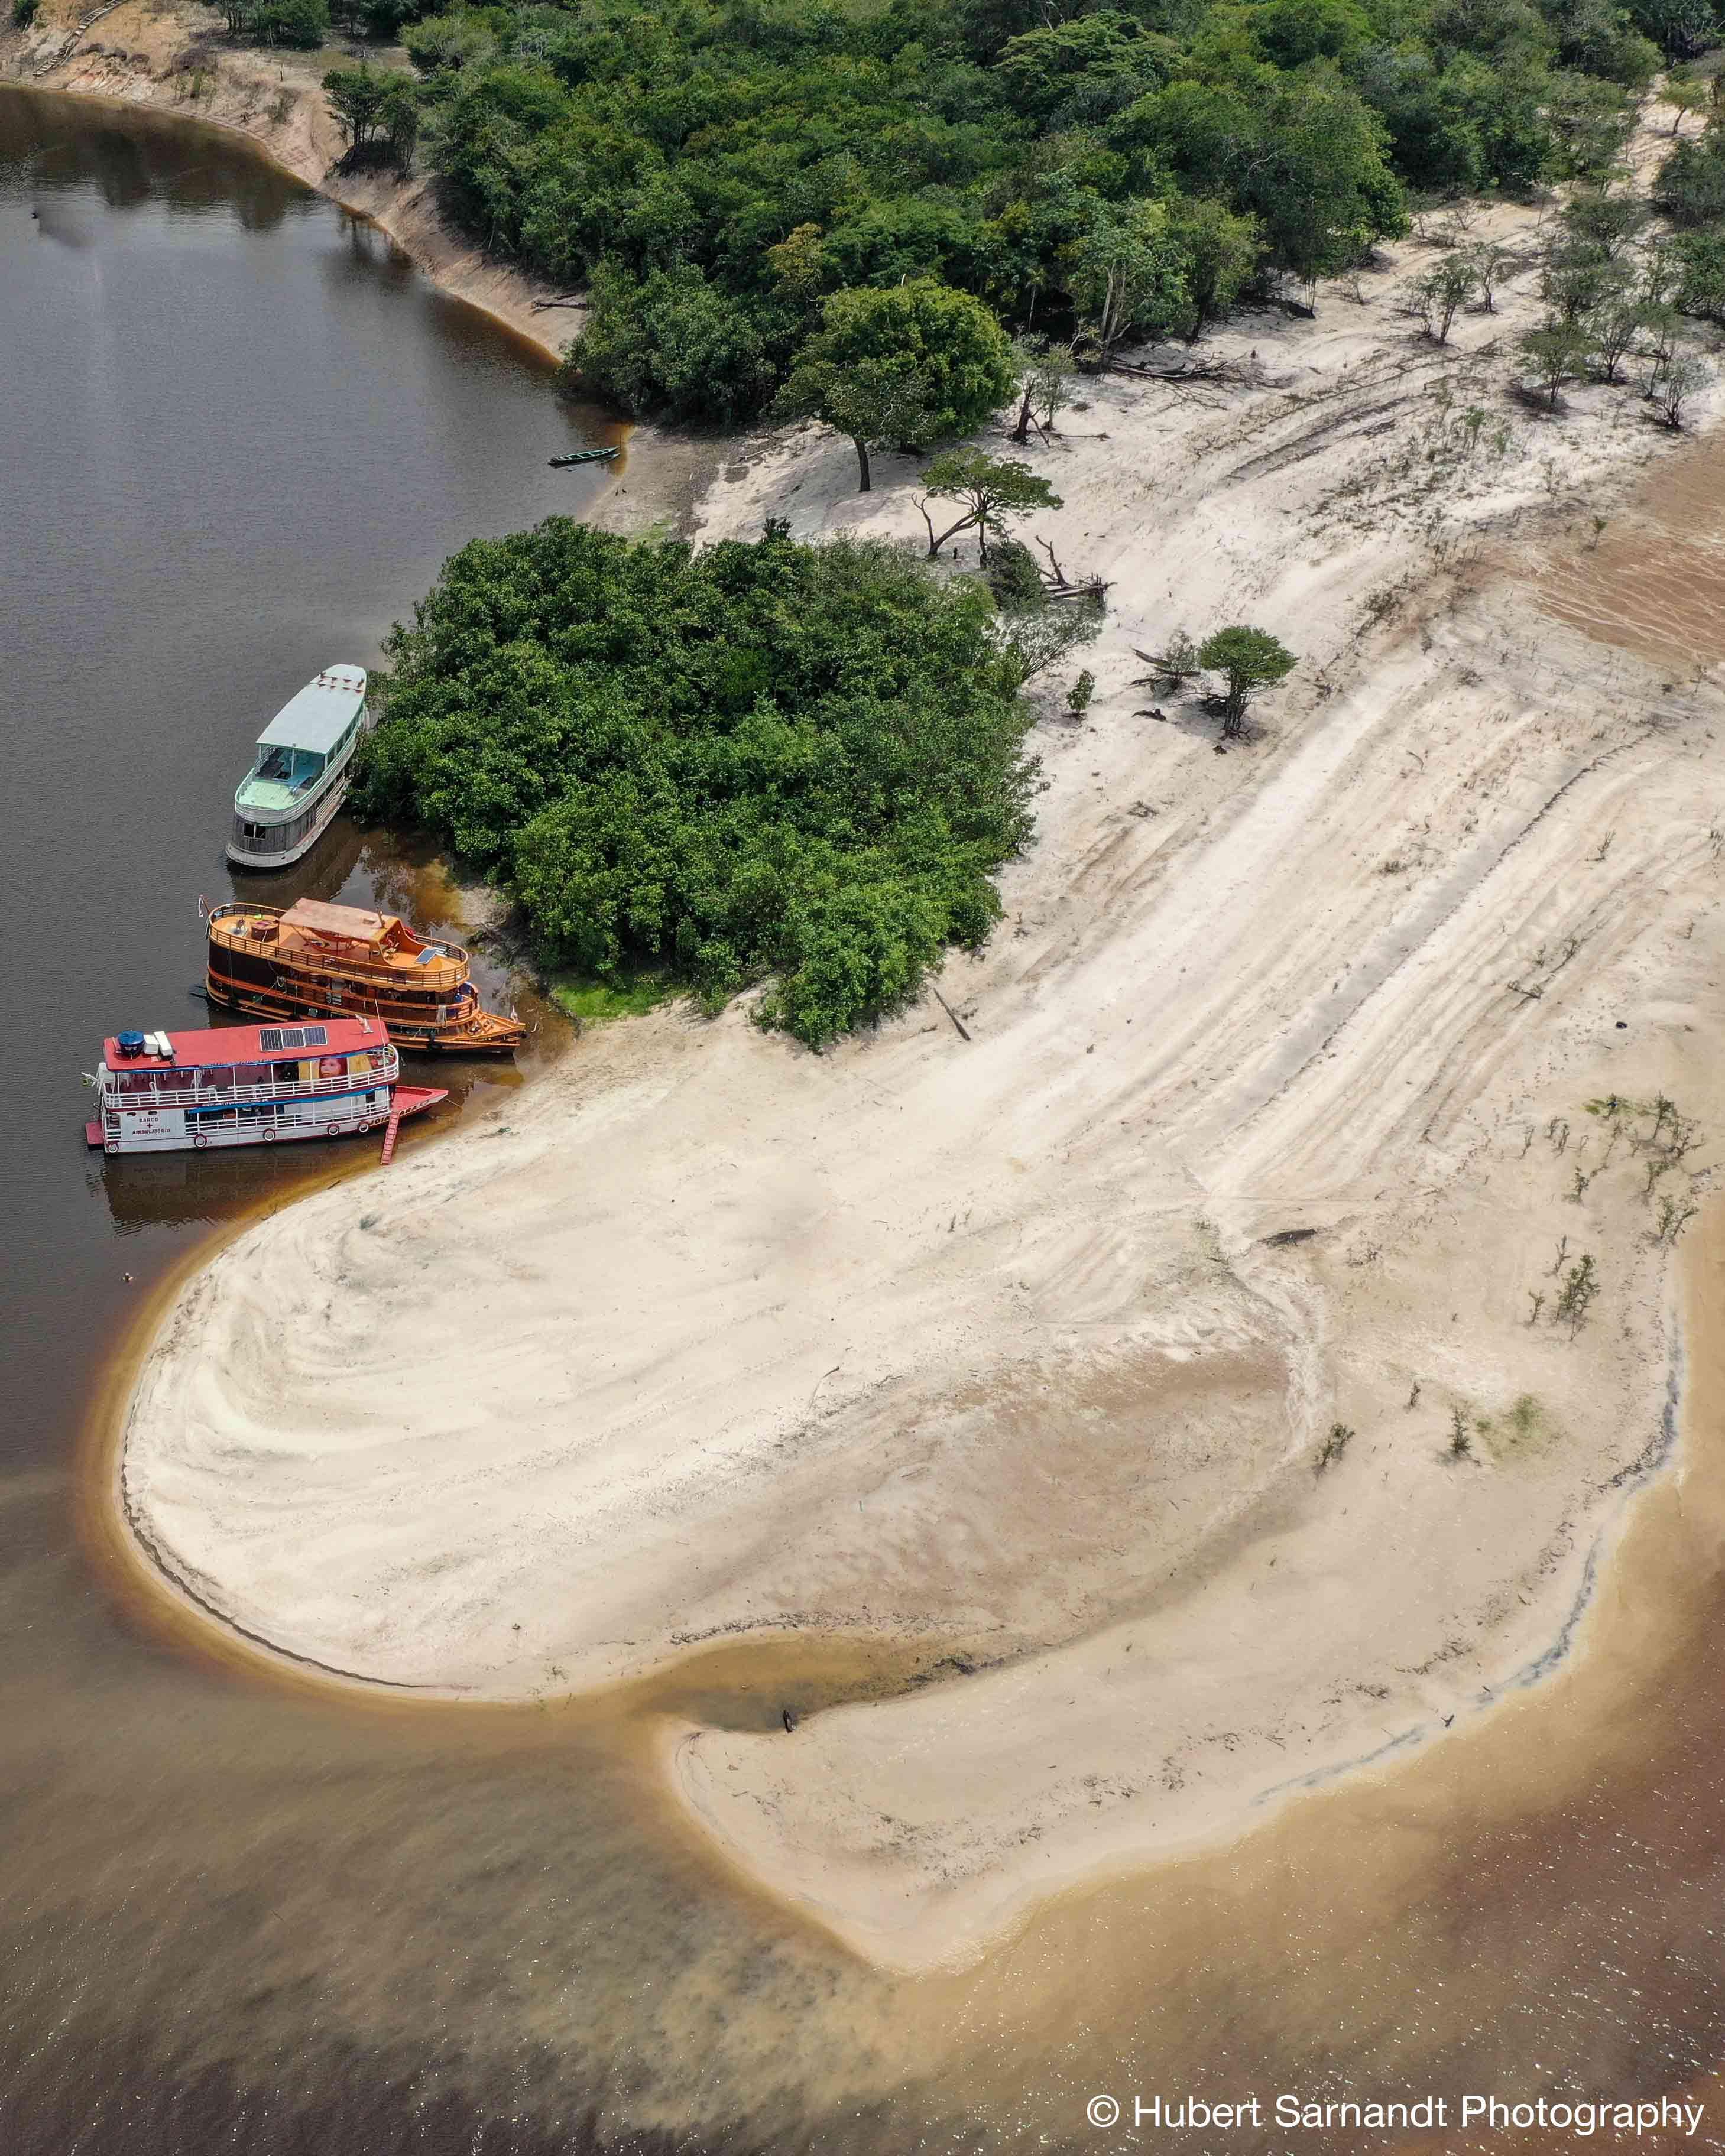 View over three boats in the river Rio Negro in Amazon Rainforest Brazil.